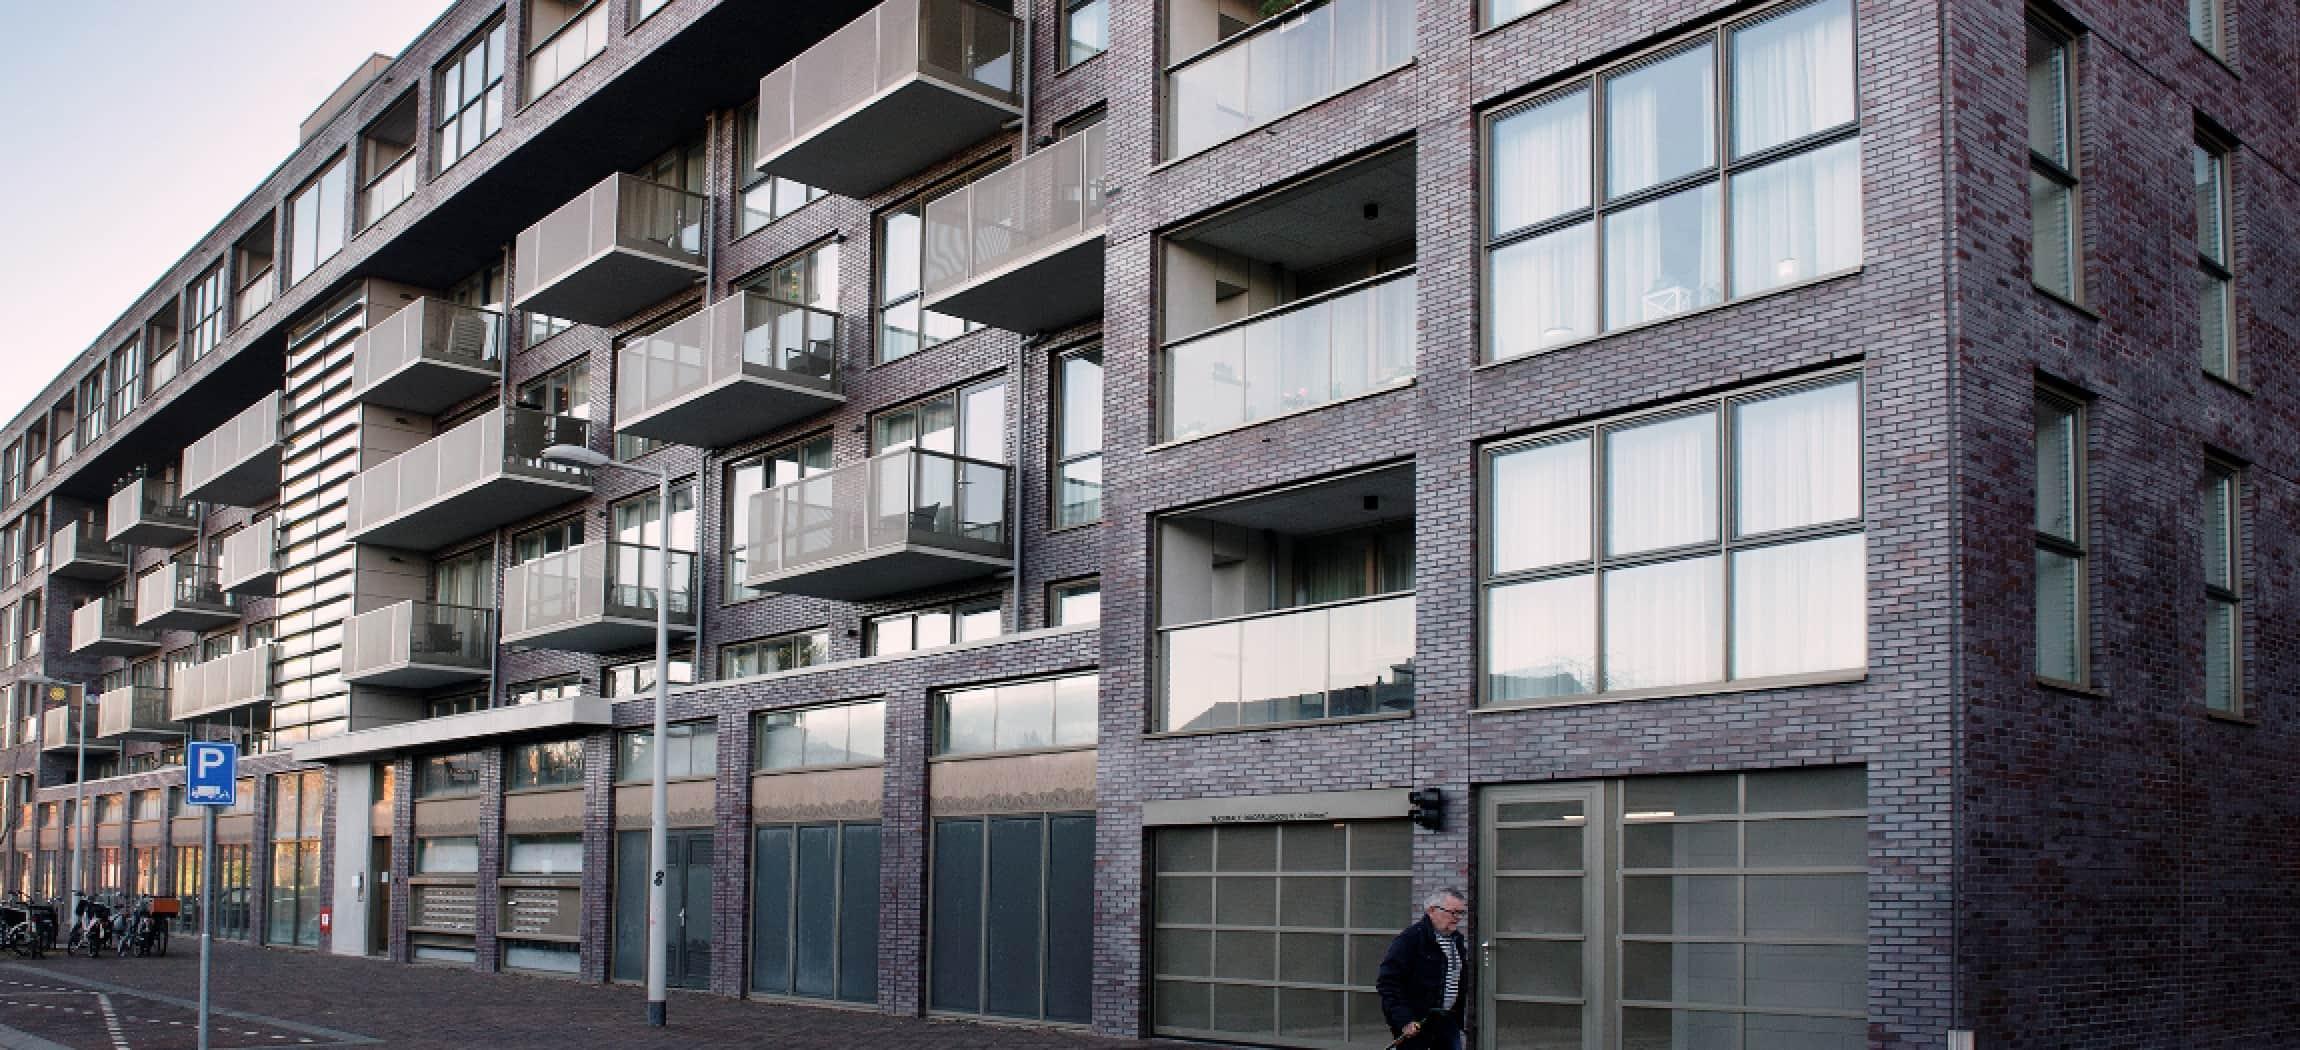 Buitenkant gebouw polikliniek Huntington in Willem Drees-Oostpoort Amsterdam